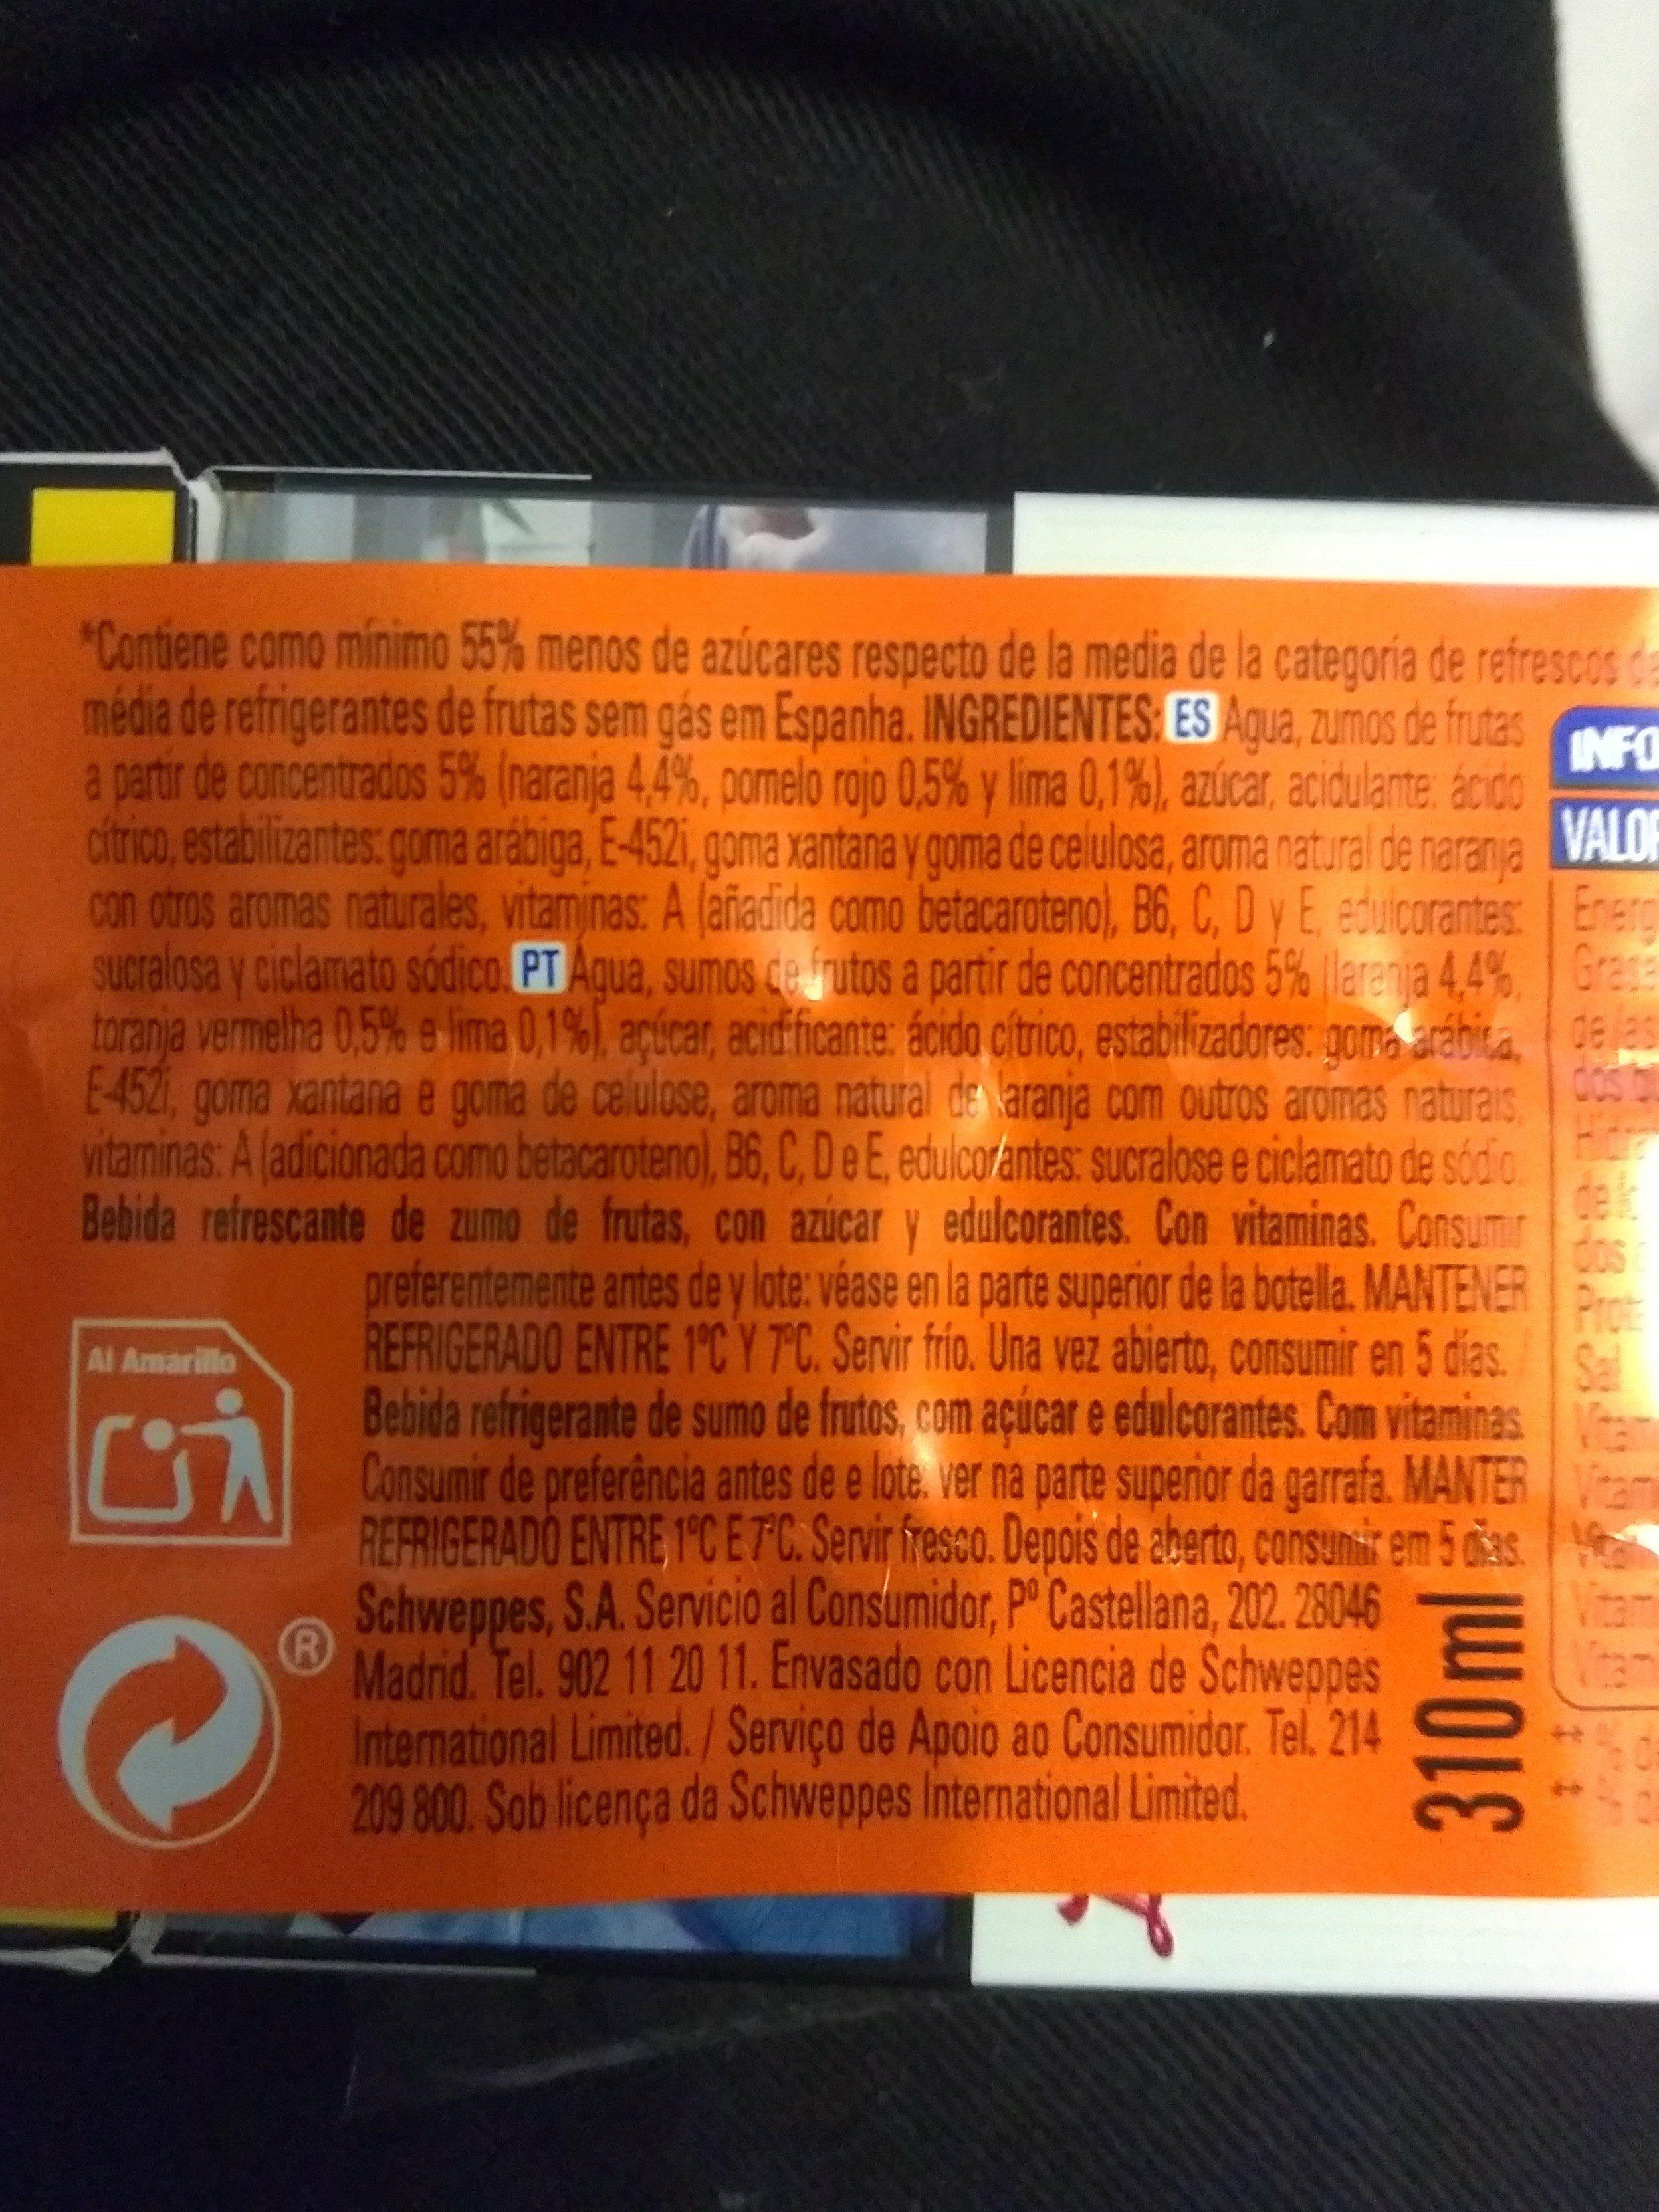 Florida refresco sabor multifrutas naranja, pomelo rojo y lima - Ingrédients